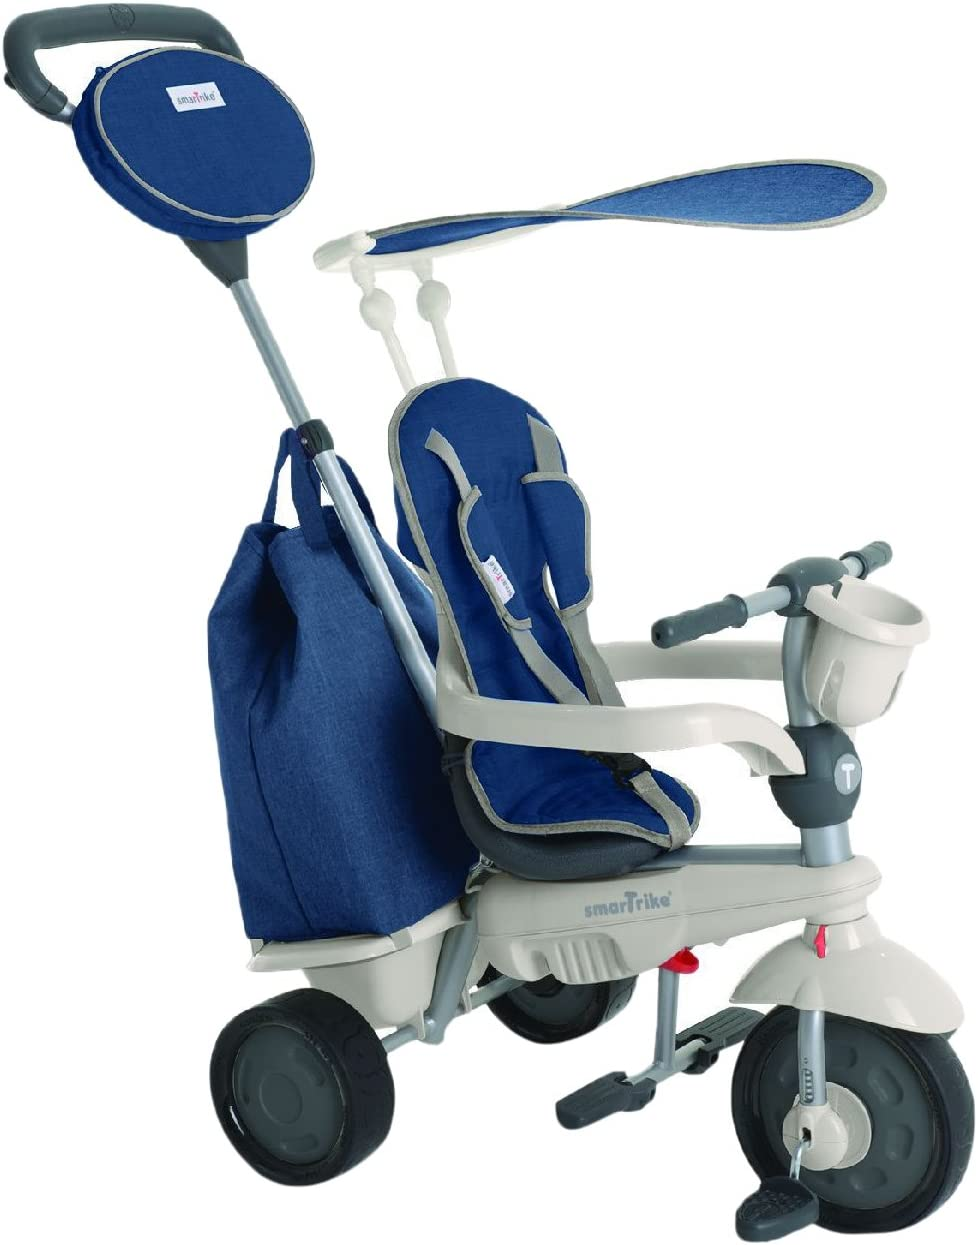 SMARTRIKE 1950700–Voyage–Triciclo para niños de 10Meses, Azul